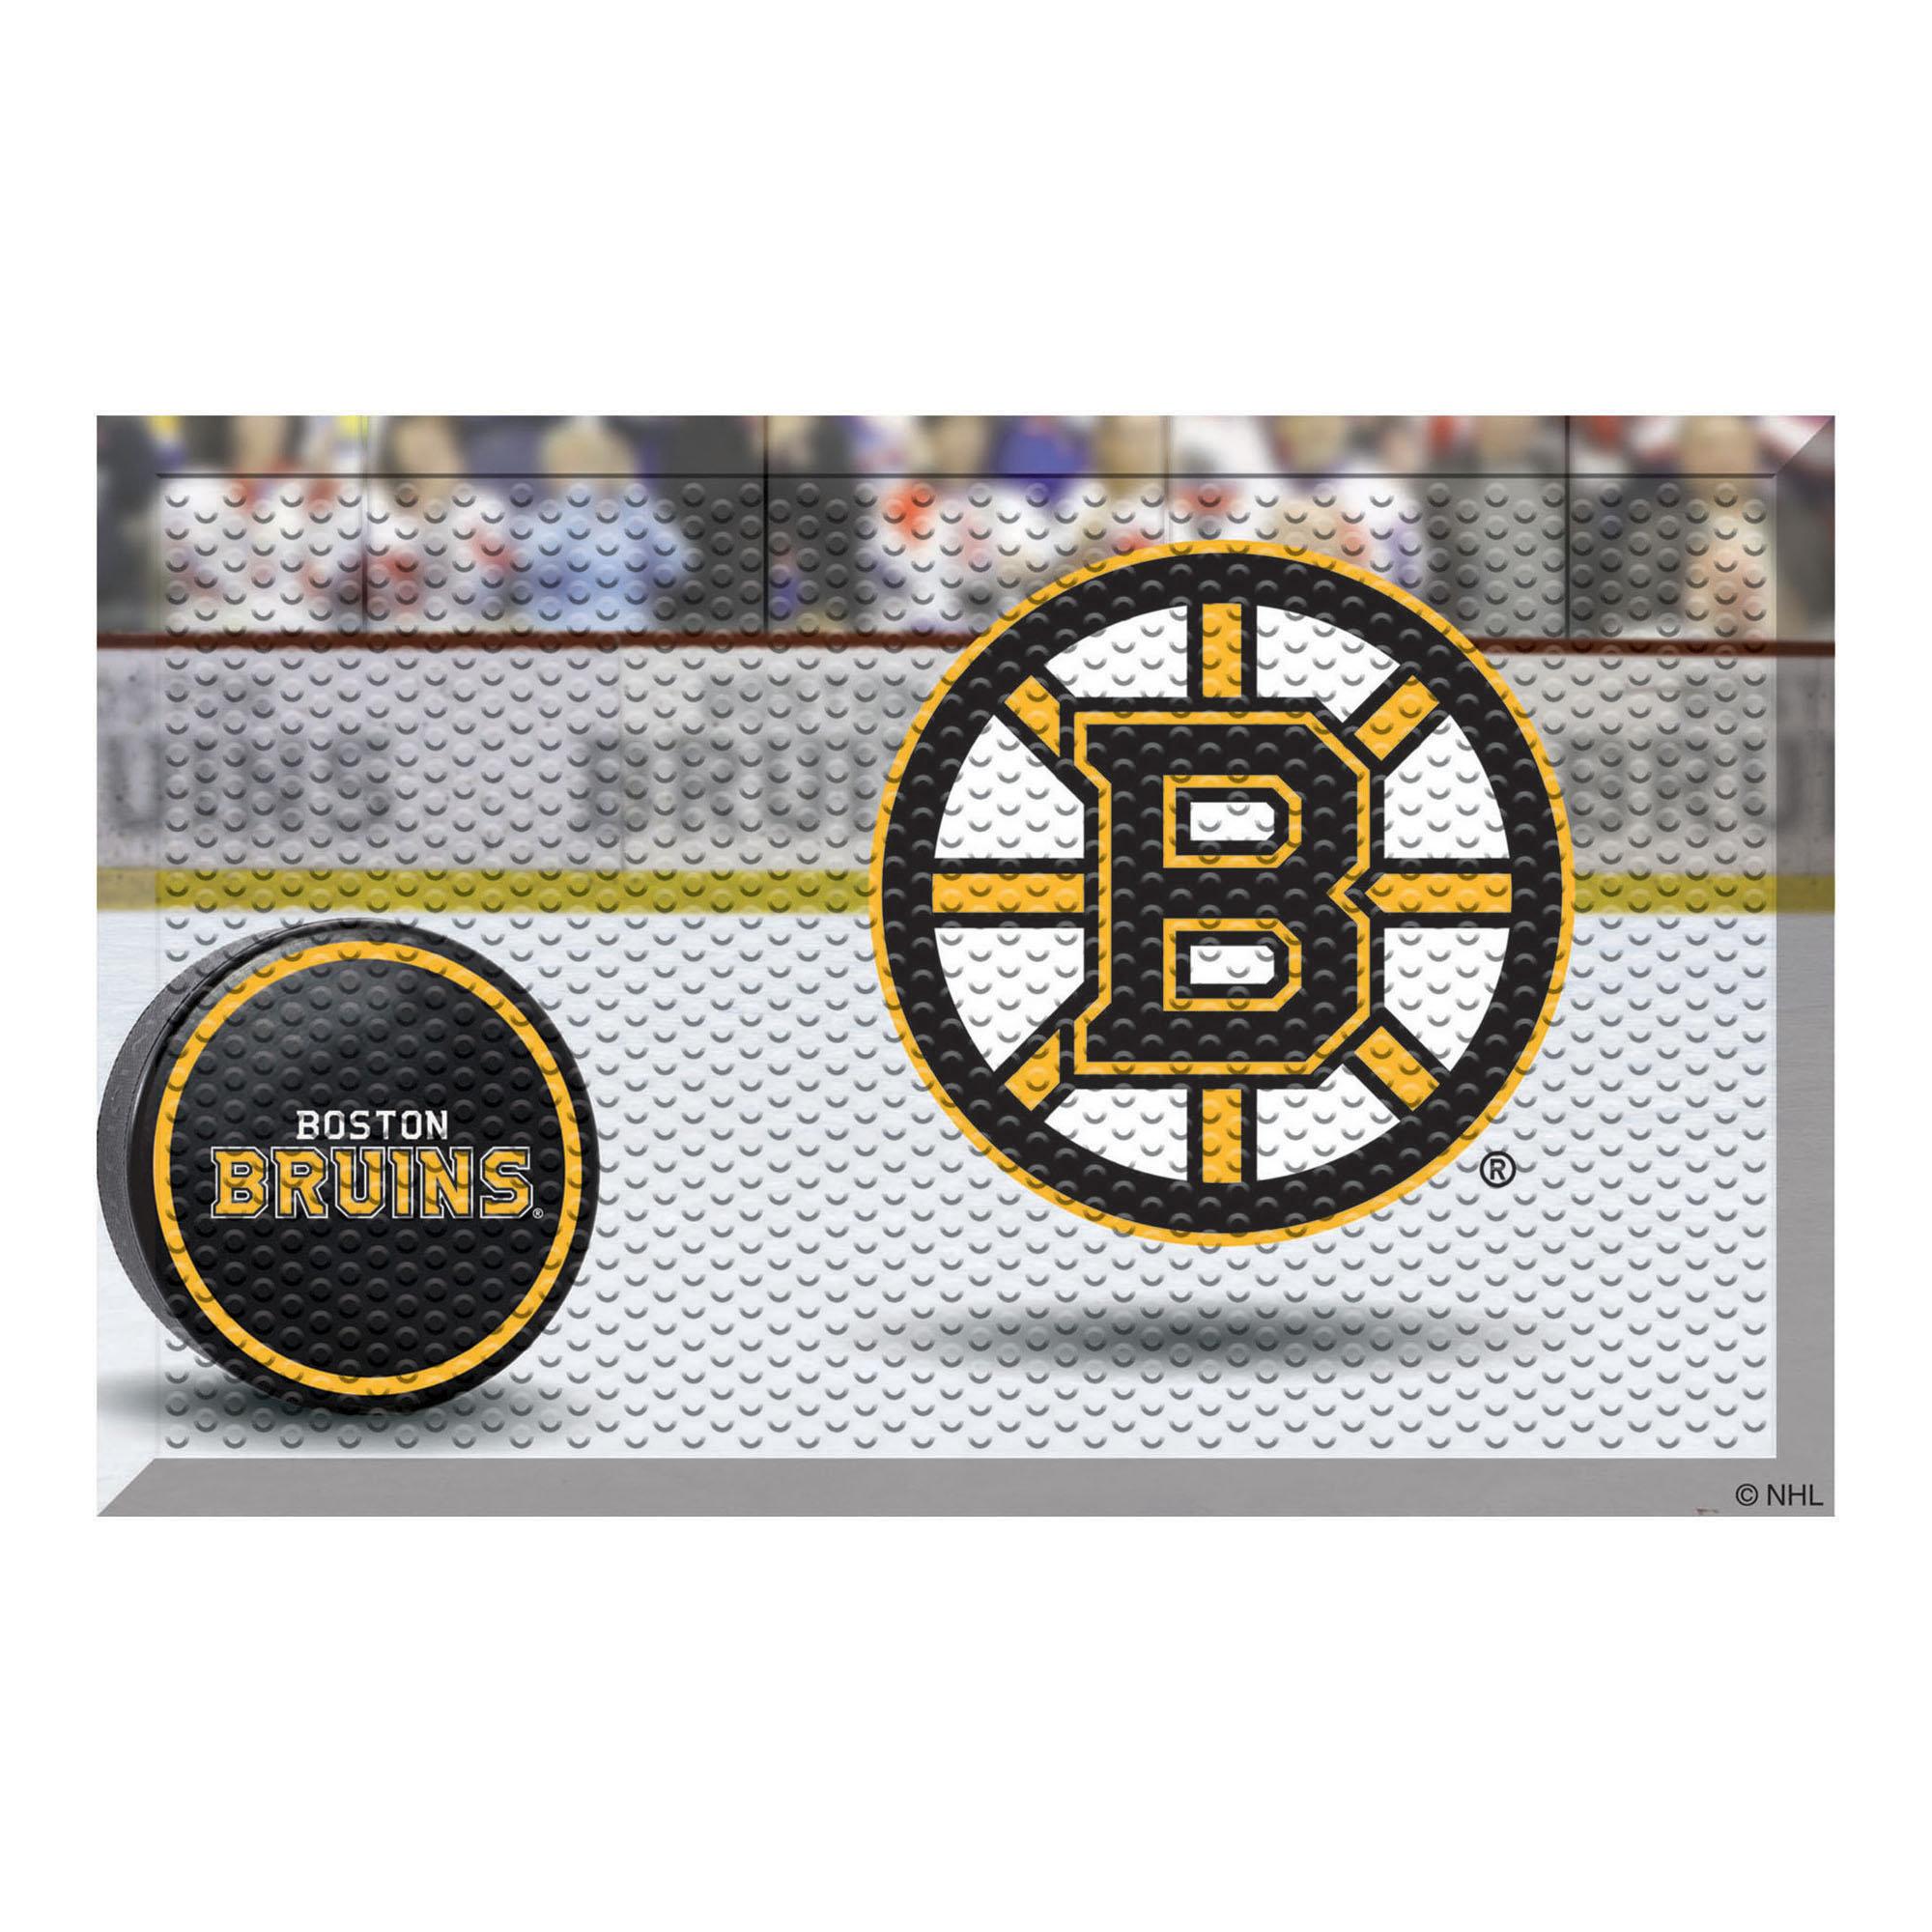 Fanmats Nhl Boston Bruins 30 In X 19 In Non Slip Outdoor Door Mat Wayfair